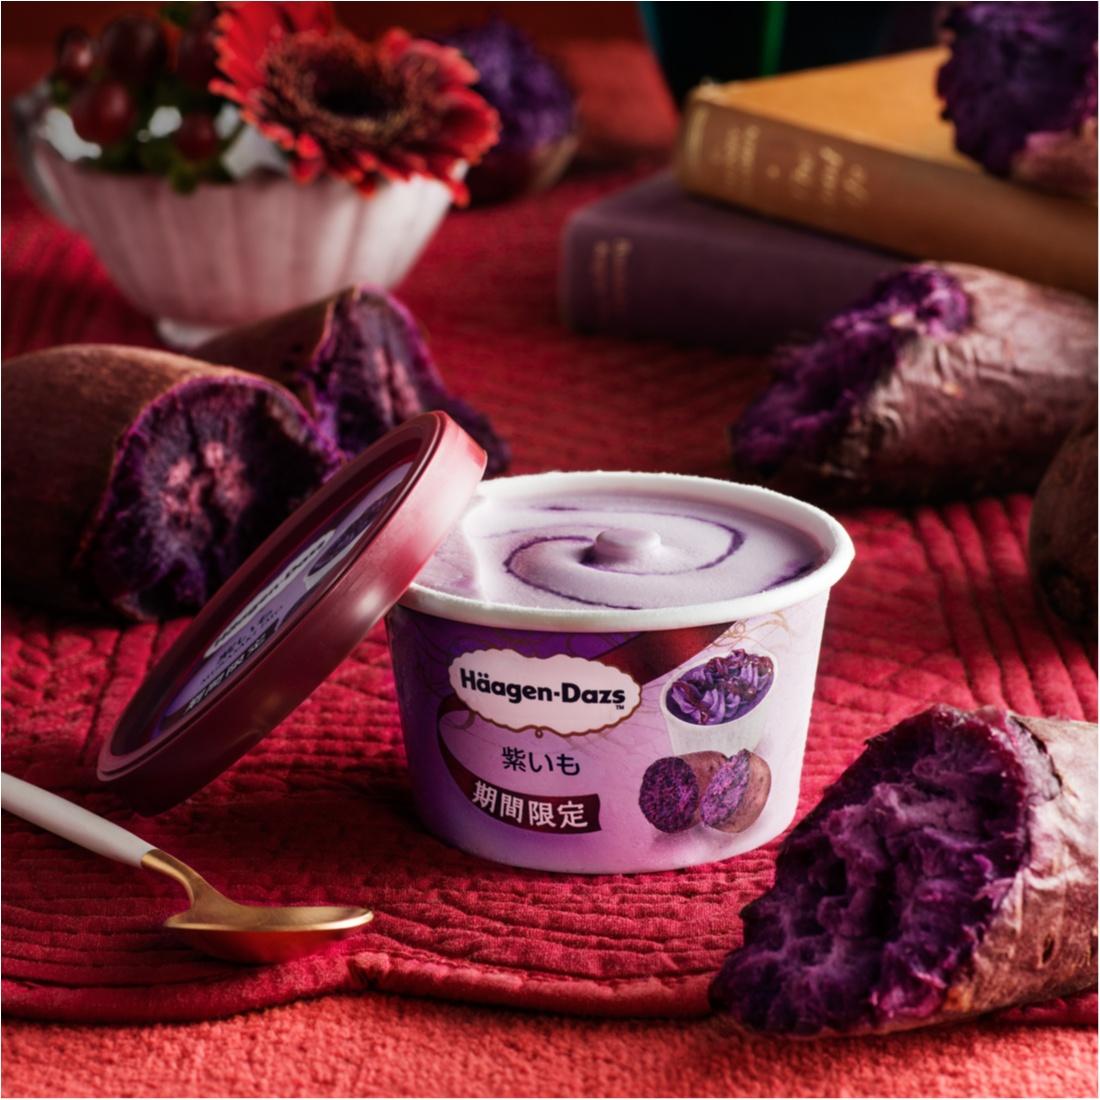 3年ぶりにあの人気商品が帰ってきた! 『ハーゲンダッツ』の秋は「紫いも」からスタート☆_1